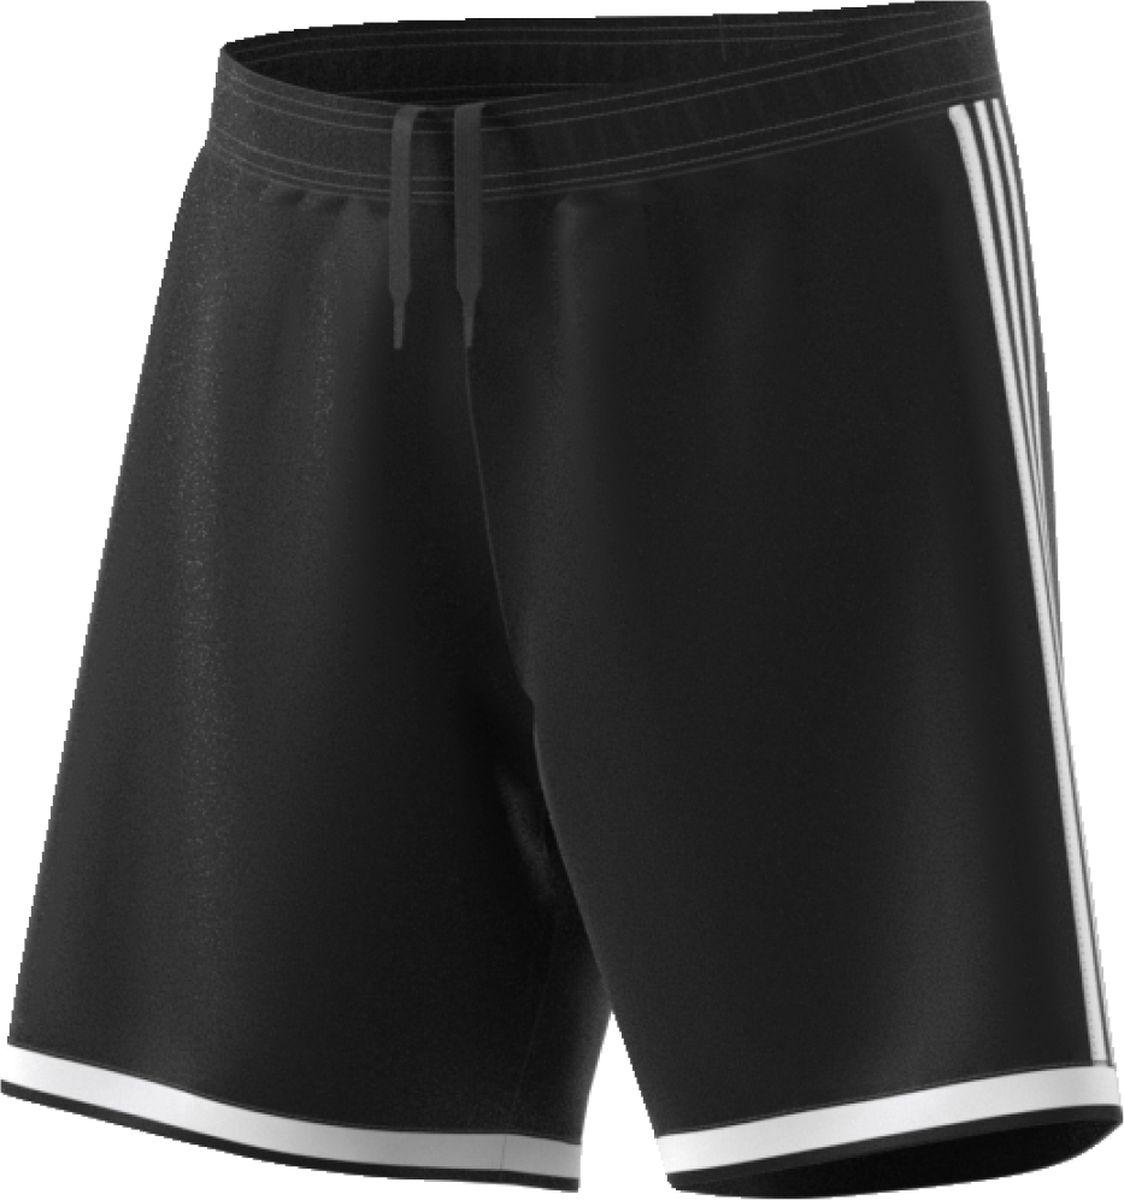 Шорты мужские Adidas Regista 18 Sho, цвет: черный. CF9593. Размер L (52/54) шорты спортивные topman topman to030emuws10